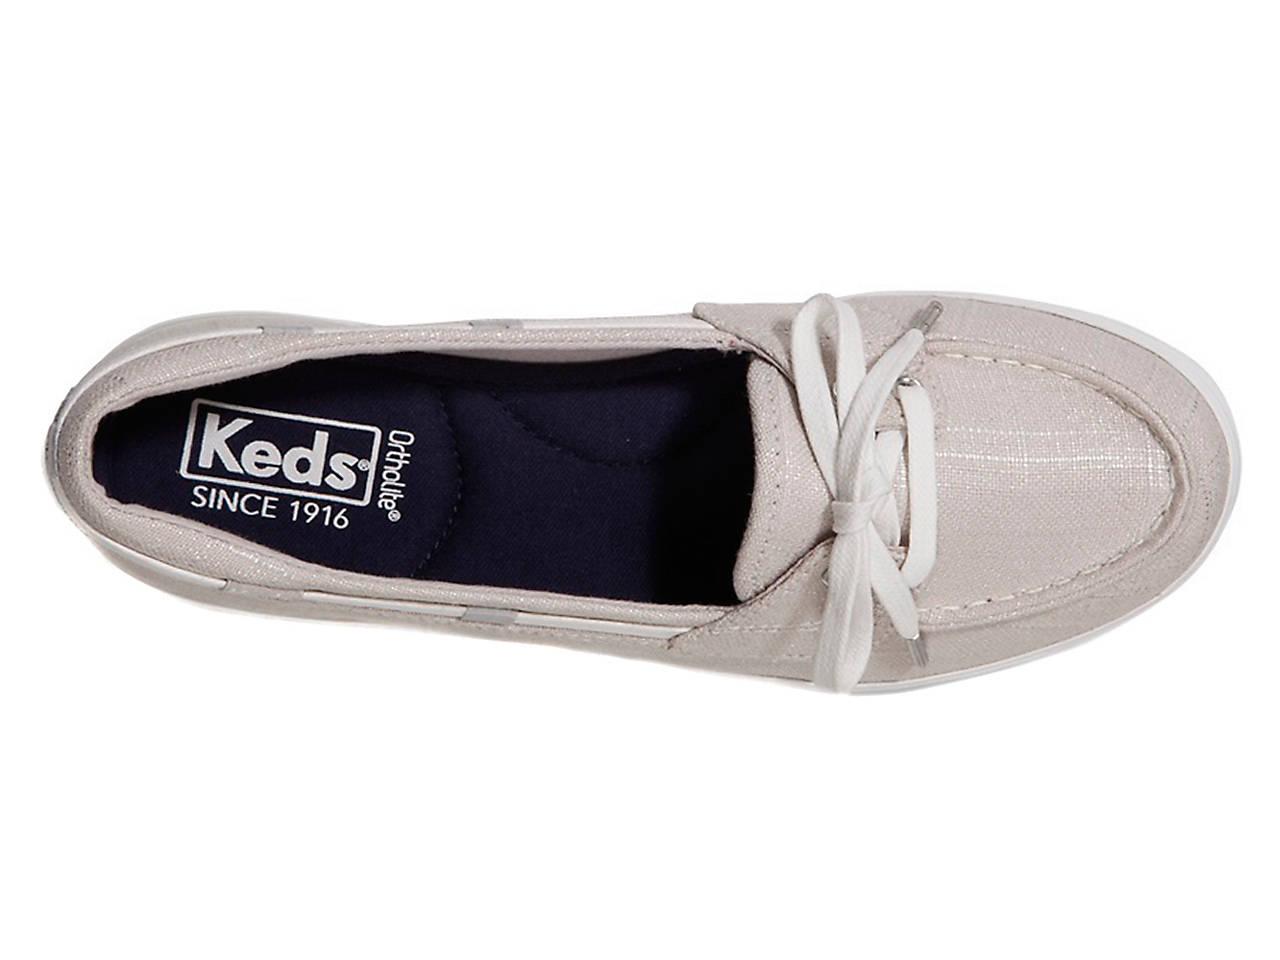 128e6ea55f8 Keds Glimmer Linen Slip-On Sneaker - Women s Women s Shoes